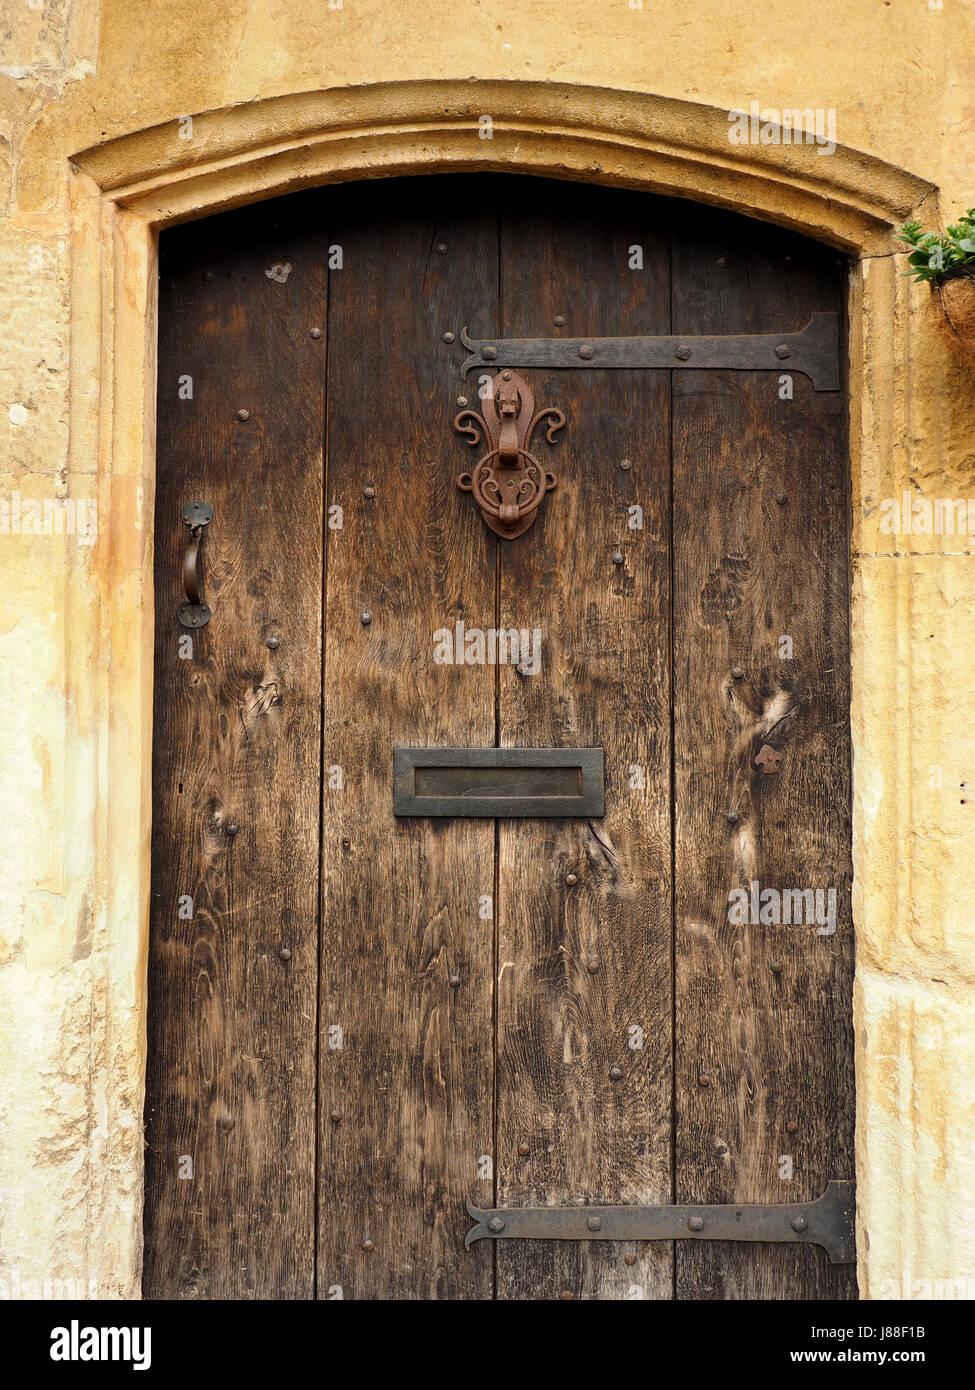 Puertas antiguas de madera y muebles de la puerta met lica for Fotos de puertas de madera antiguas